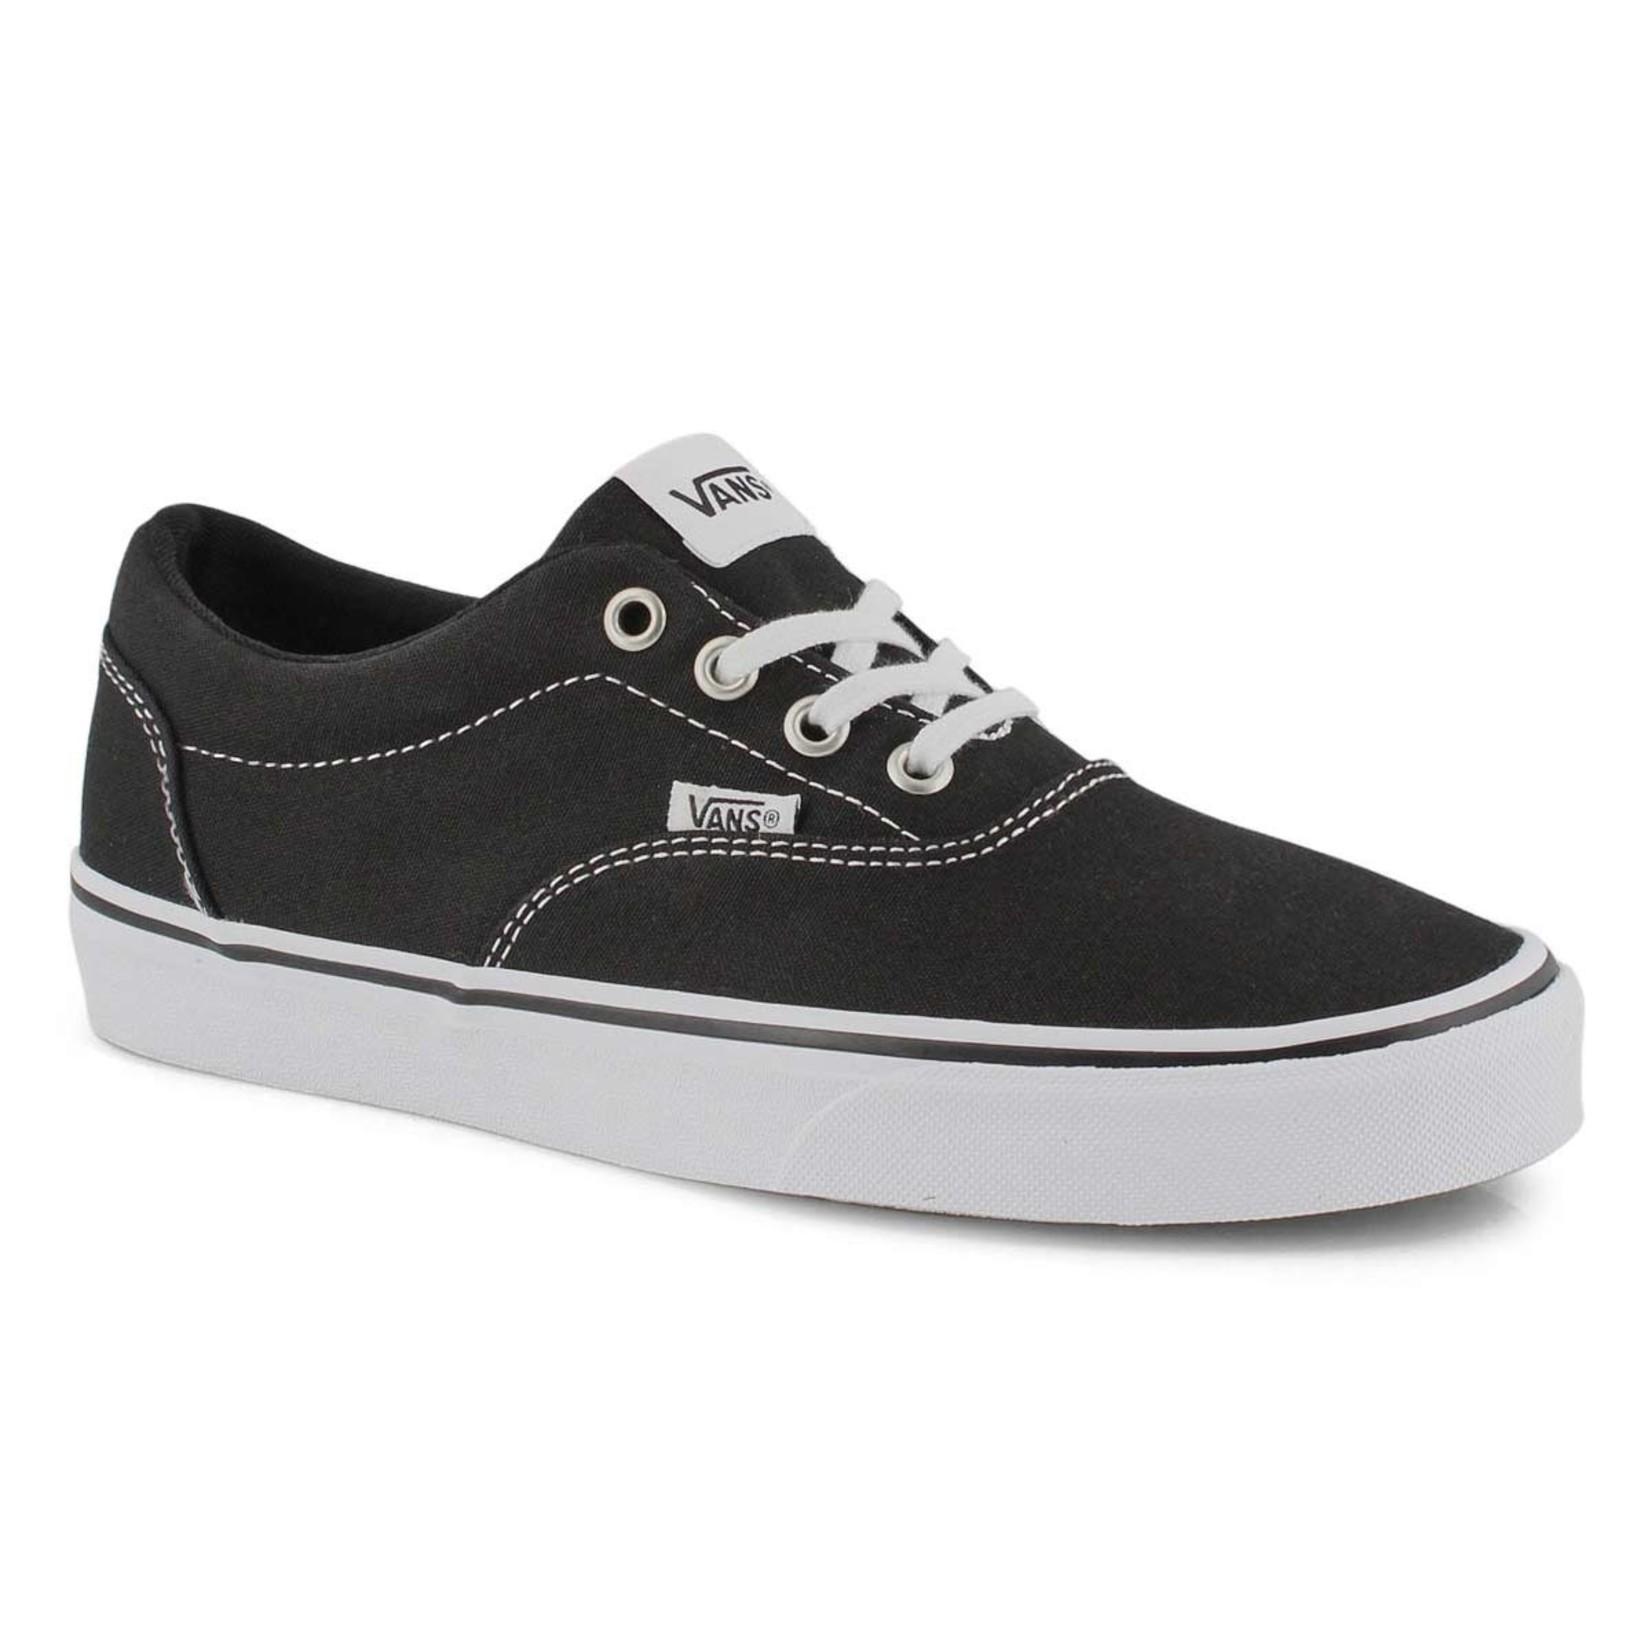 Vans Vans Casual Shoes, Doheny, Ladies